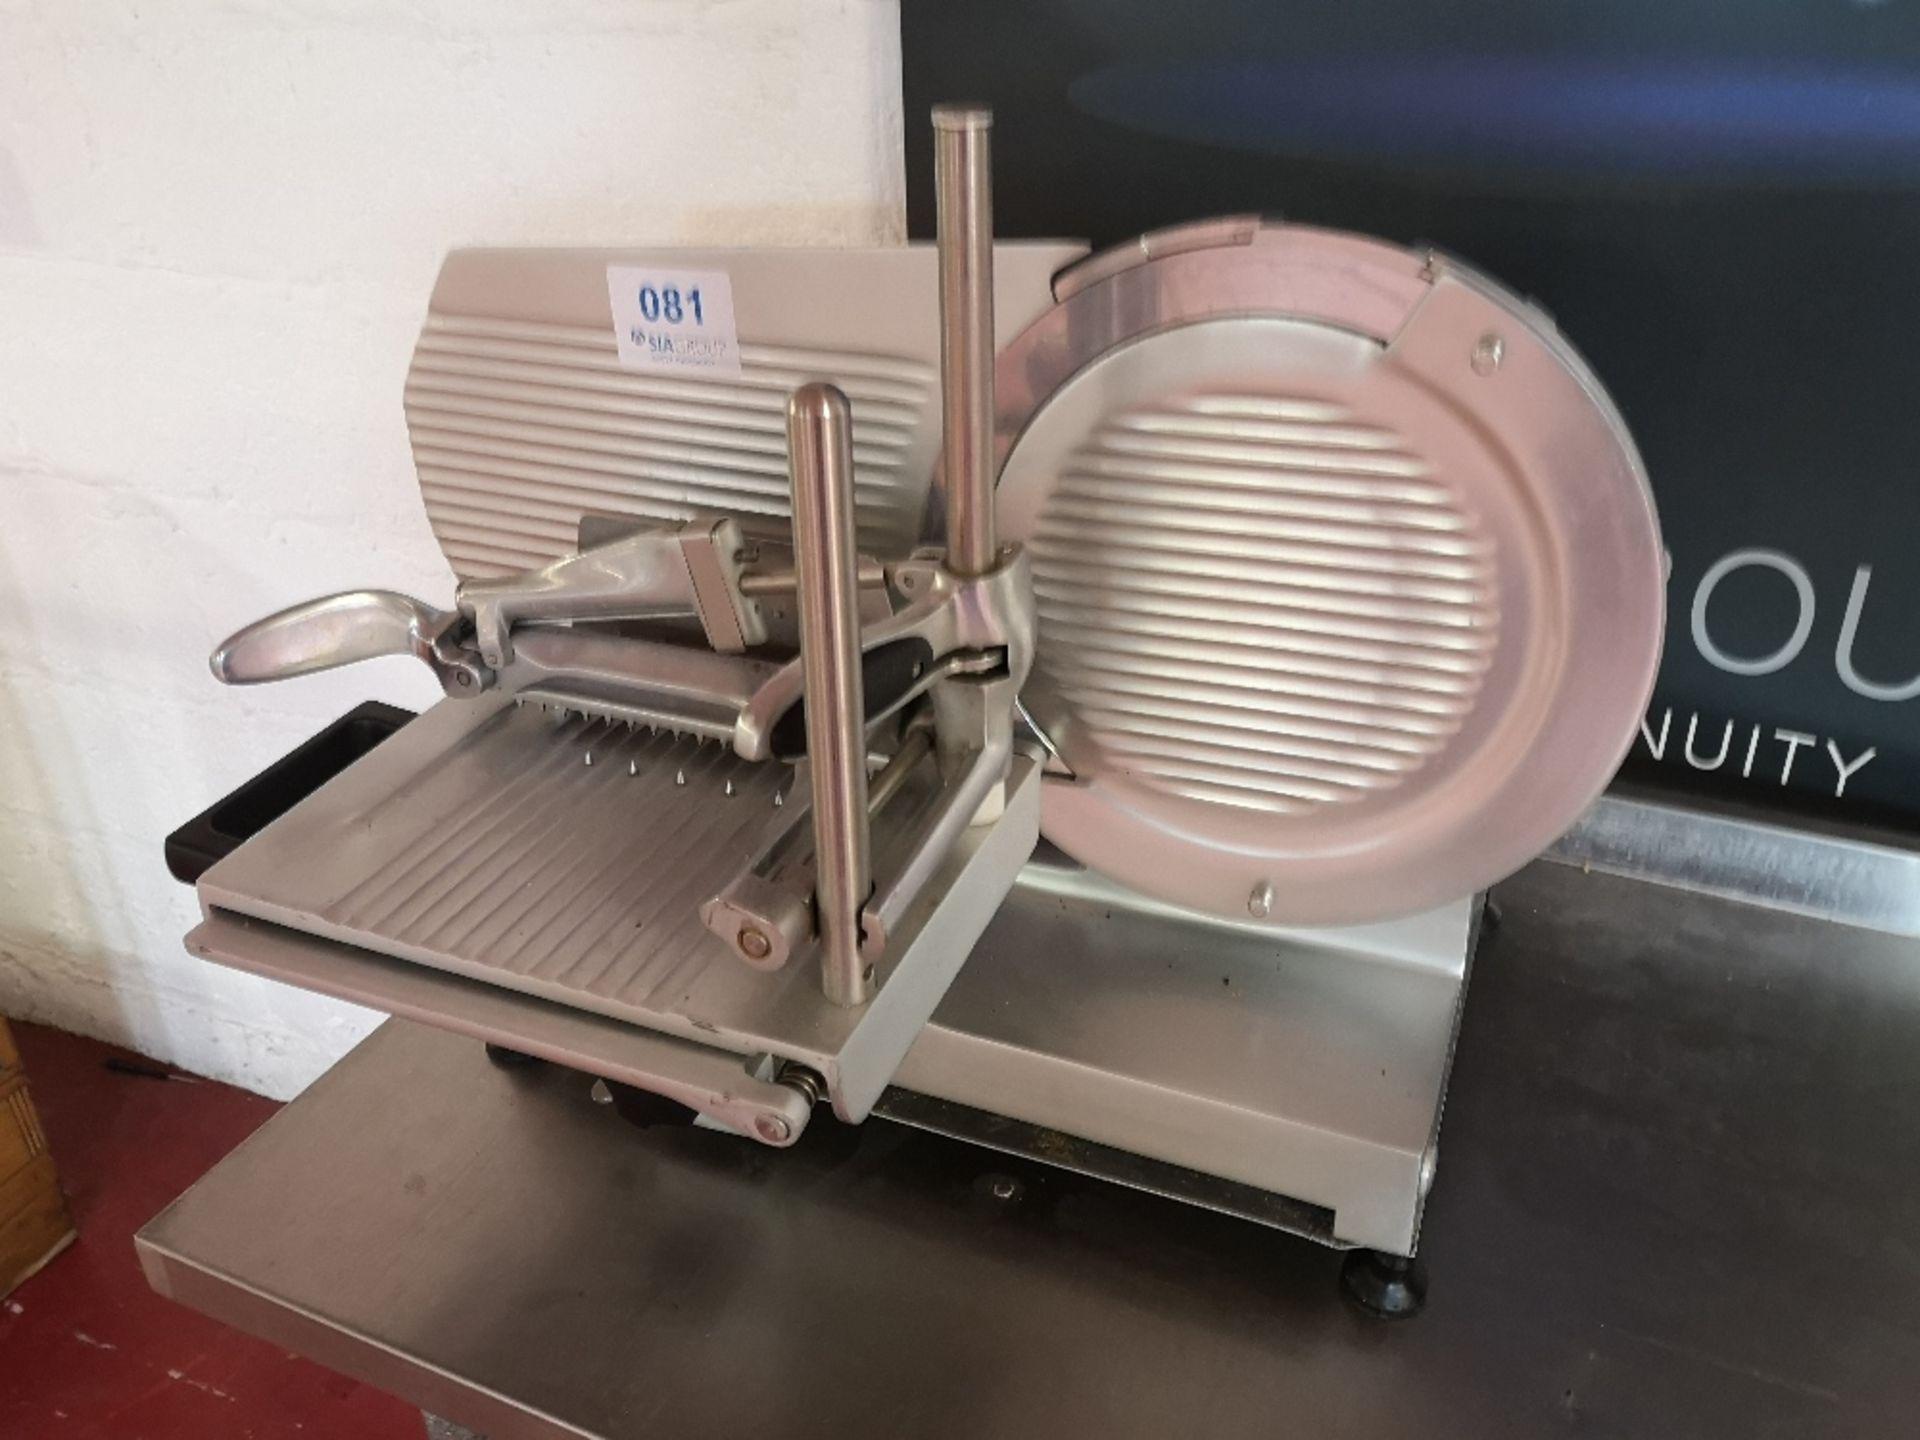 TreSpade D-30/V Meat Slicer - Image 2 of 3